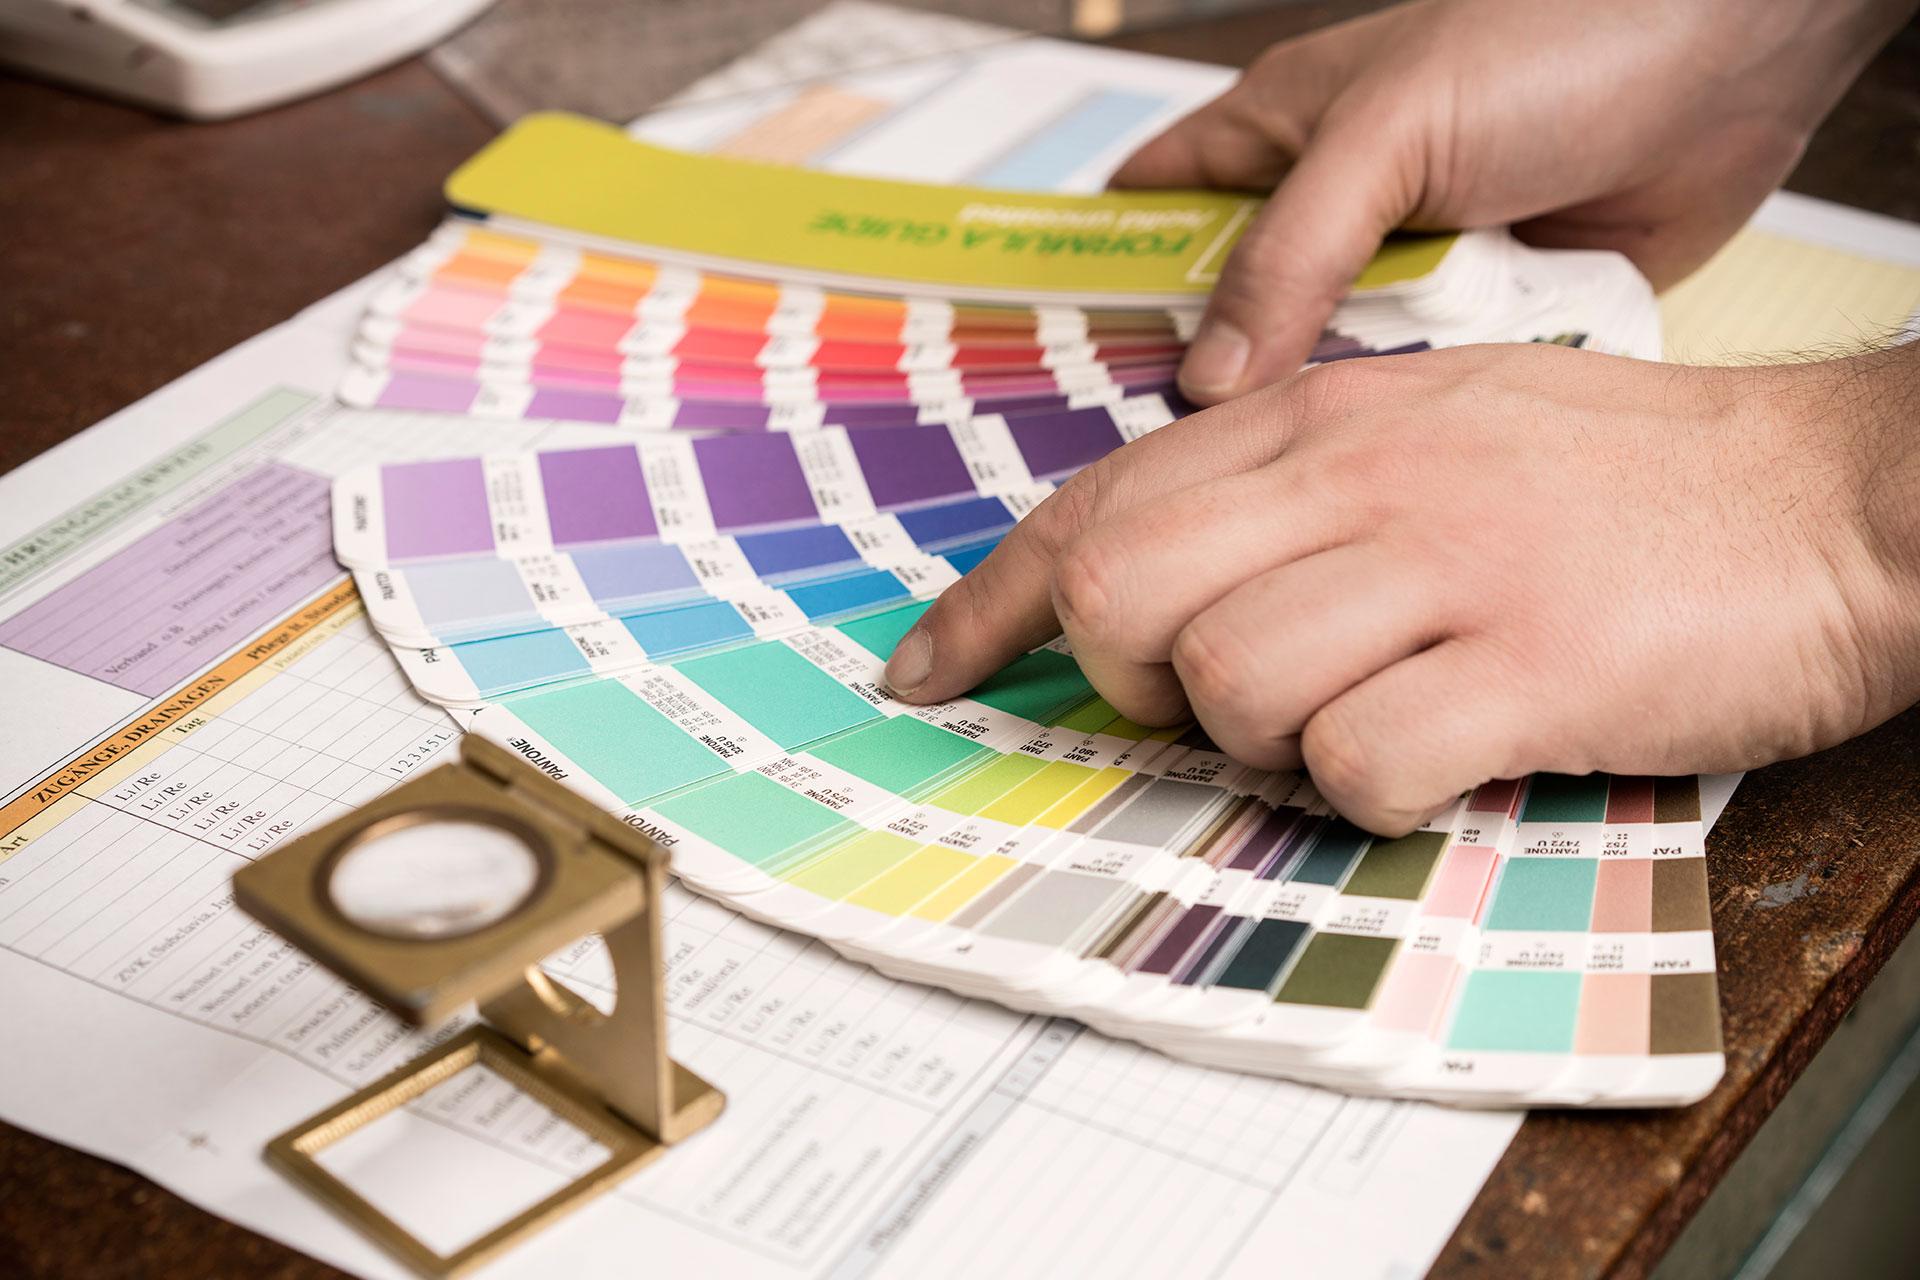 Pantone-Farbfächer mit Sonderfarben